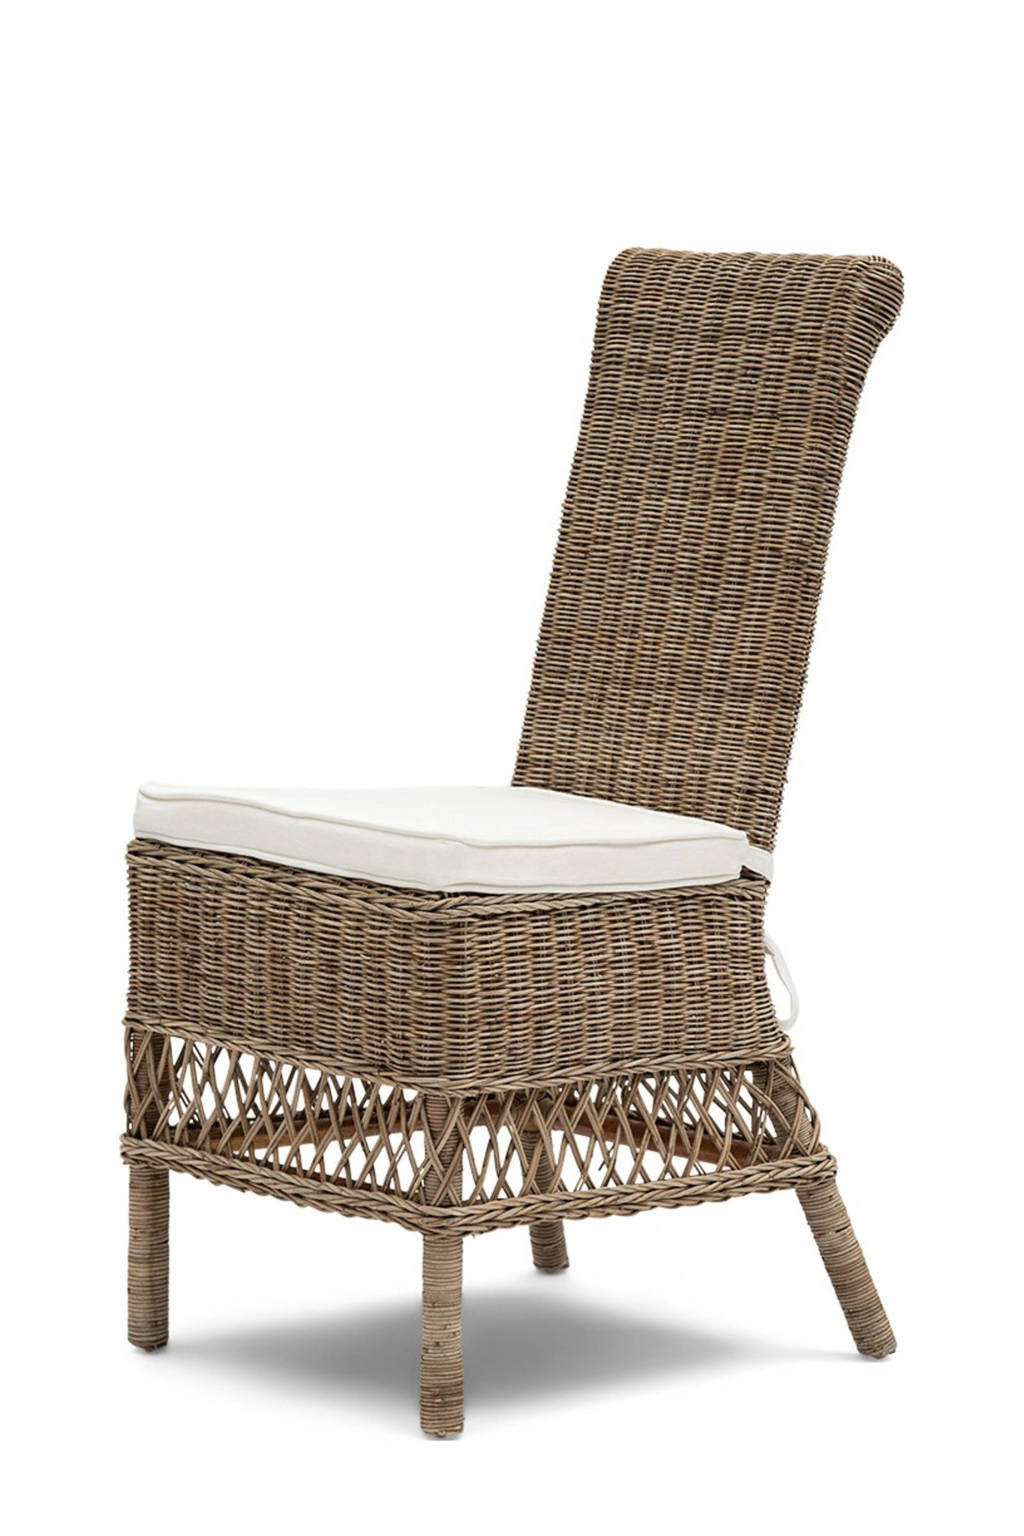 Riviera Maison Stoelen.Riviera Maison Eetkamerstoel St Malo Dining Chair Wehkamp